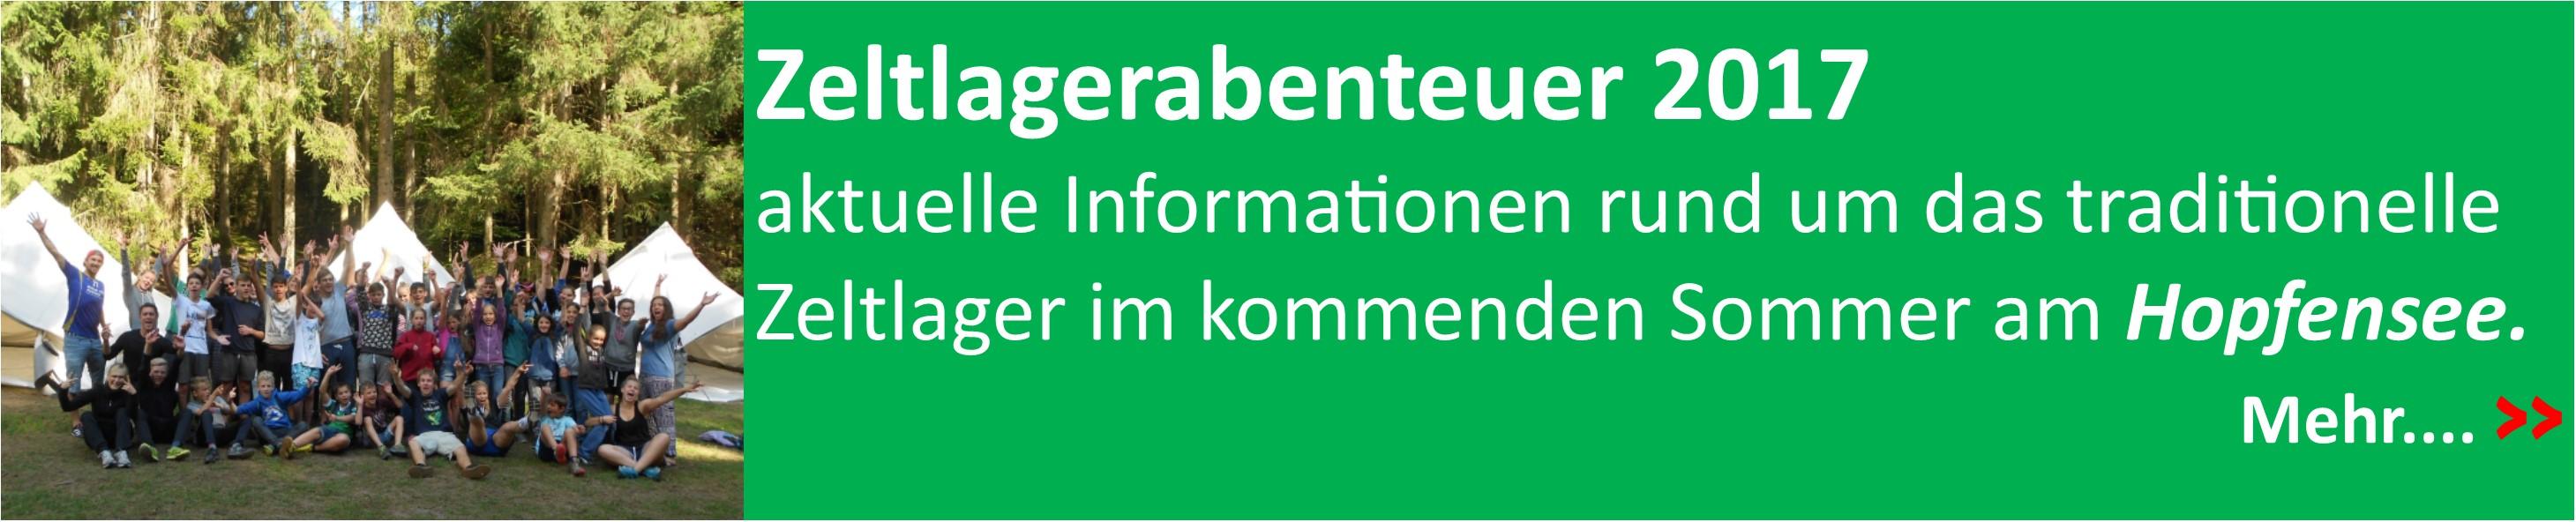 aktuell_zeltlager_2017